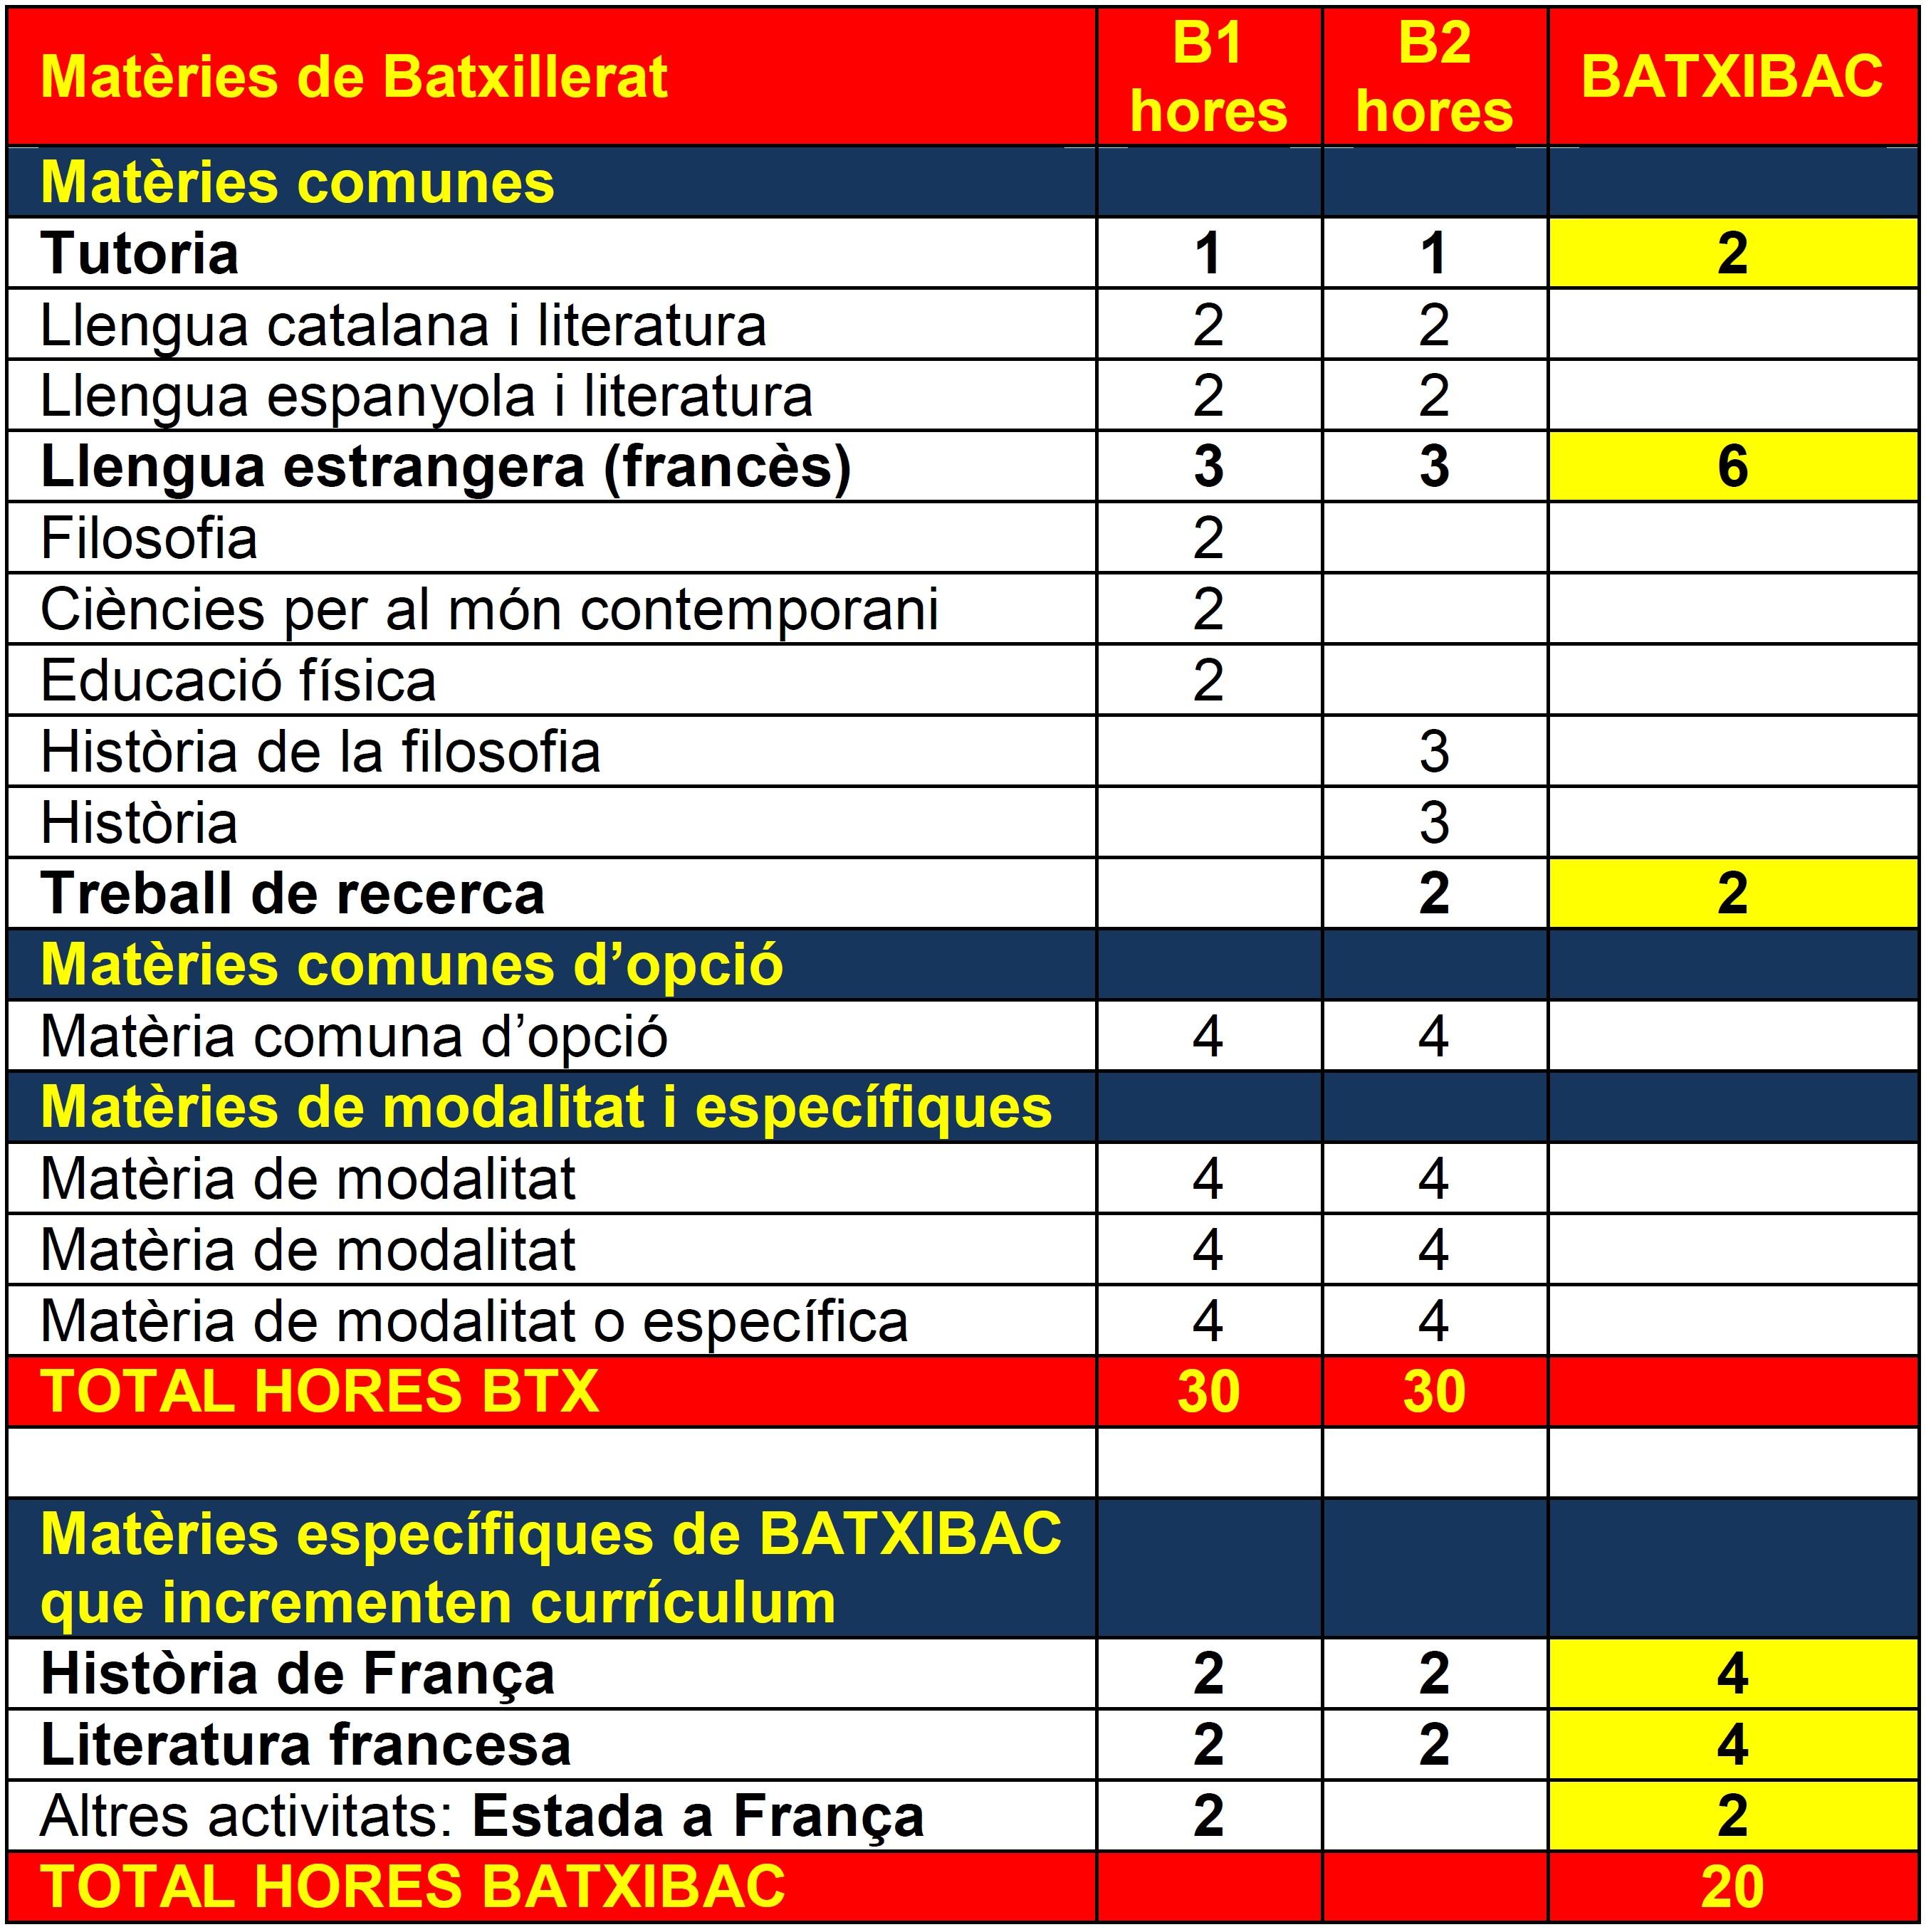 BTX: Batxibac